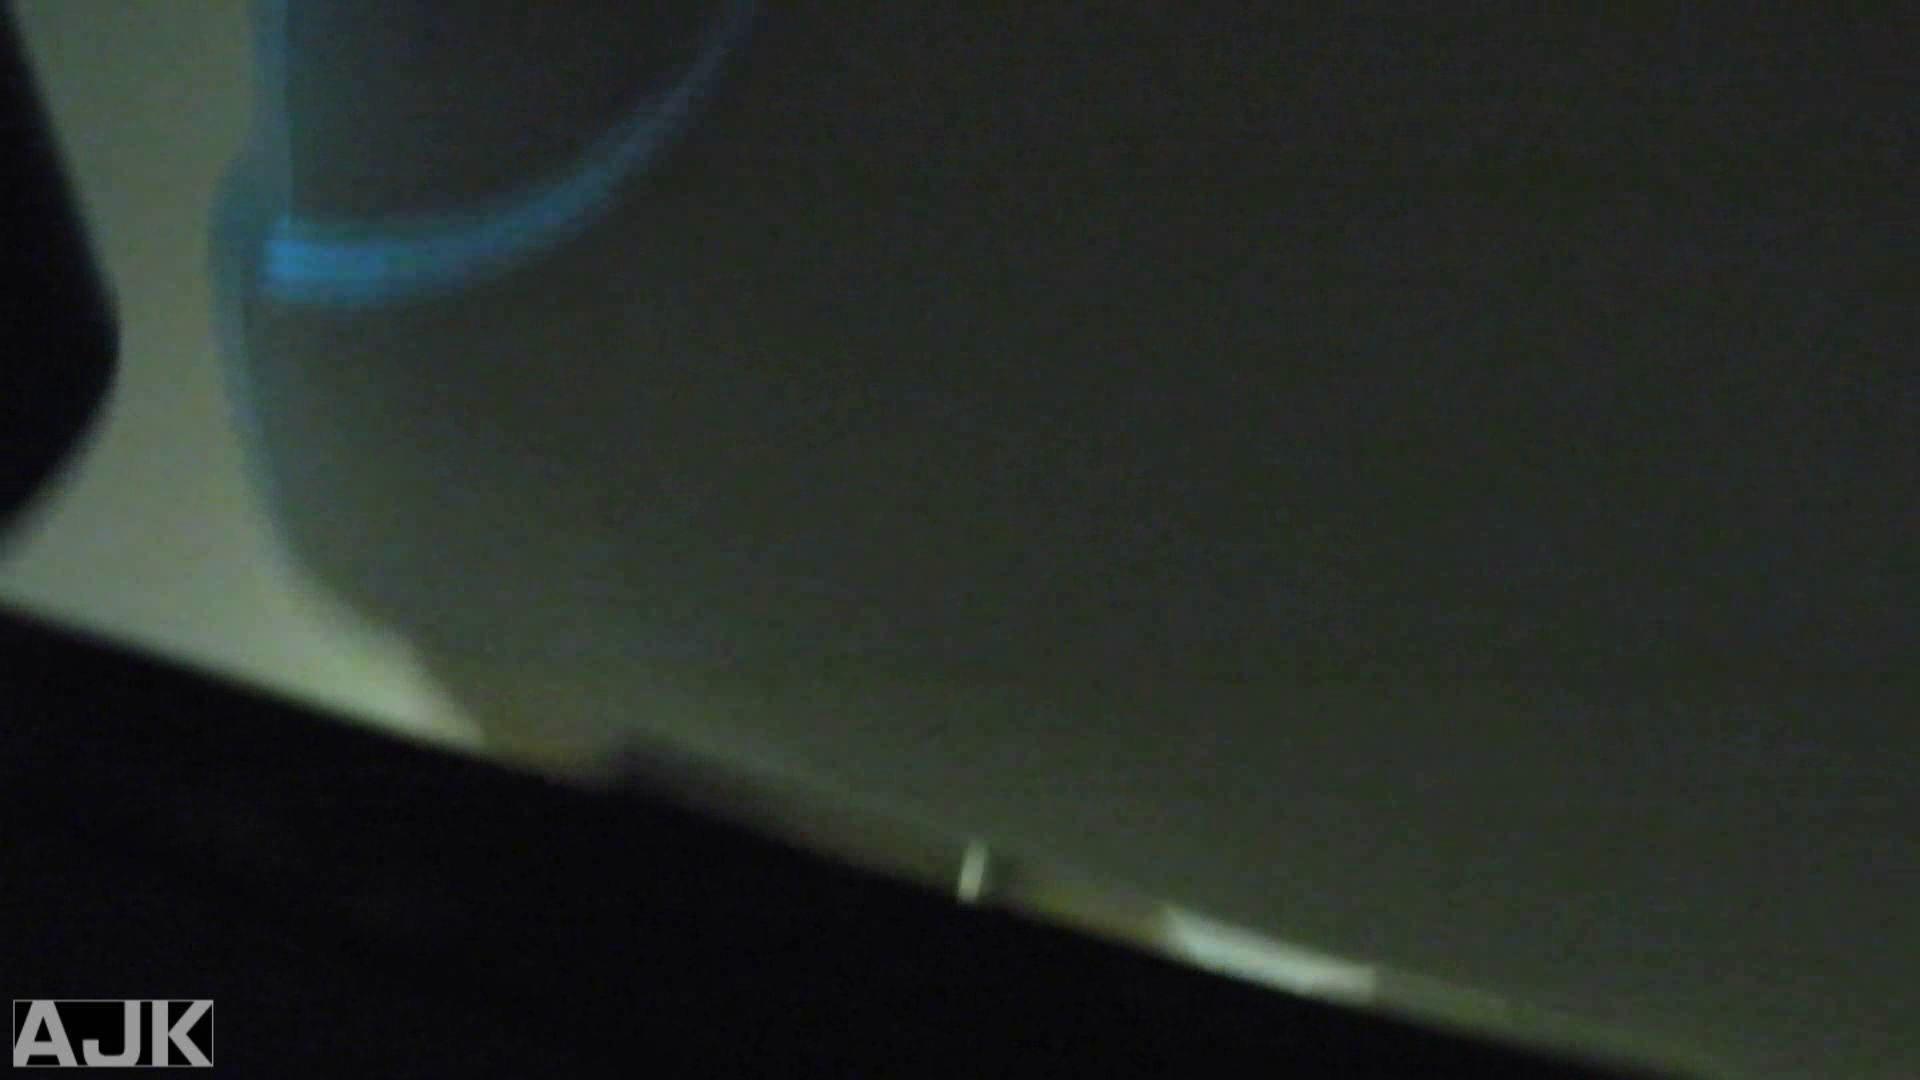 神降臨!史上最強の潜入かわや! vol.24 肛門流出 おまんこ無修正動画無料 87連発 69